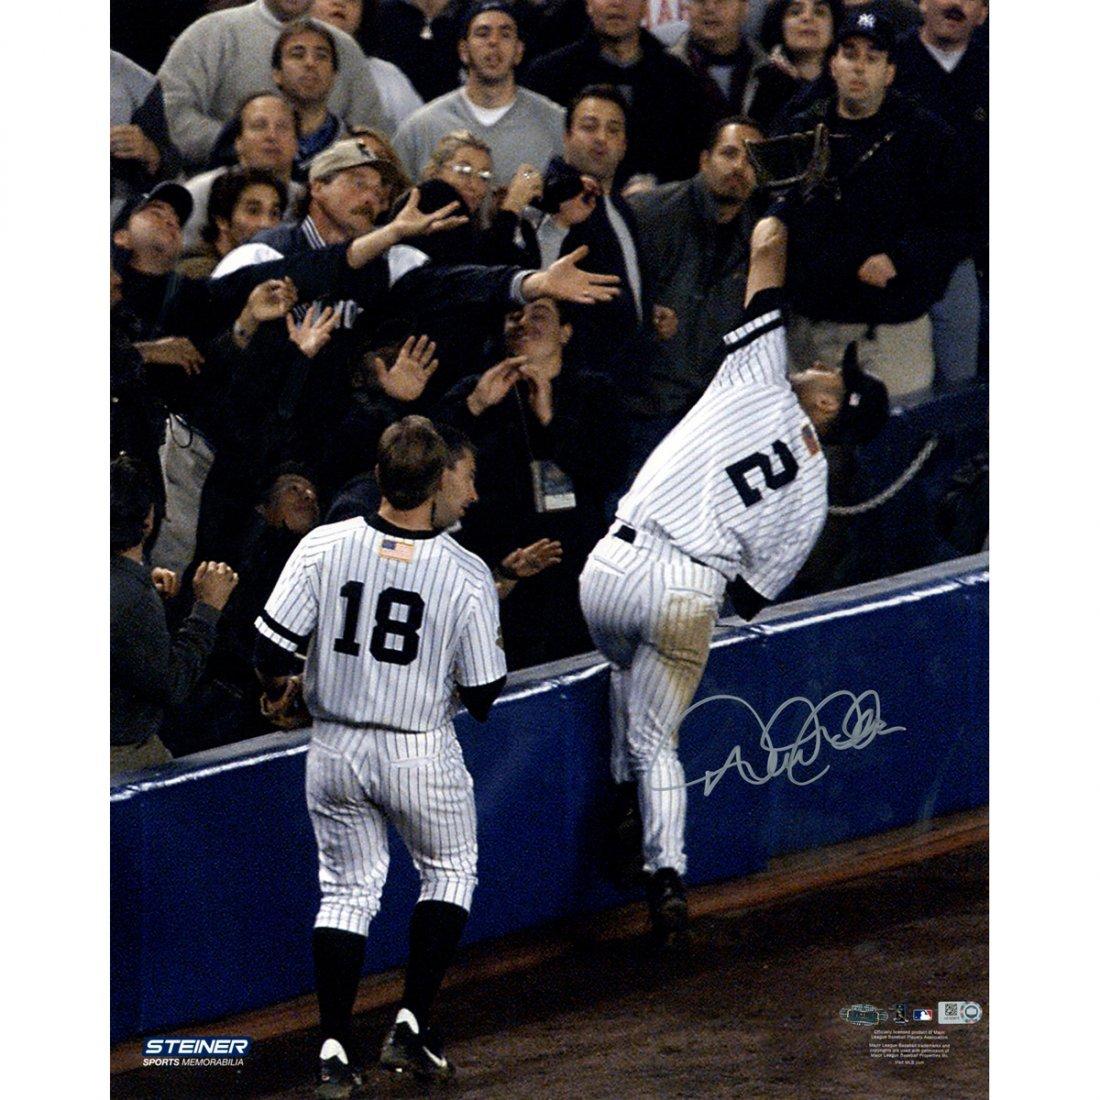 Derek Jeter Signed 2001 ALDS Falling Into Stands 16x20